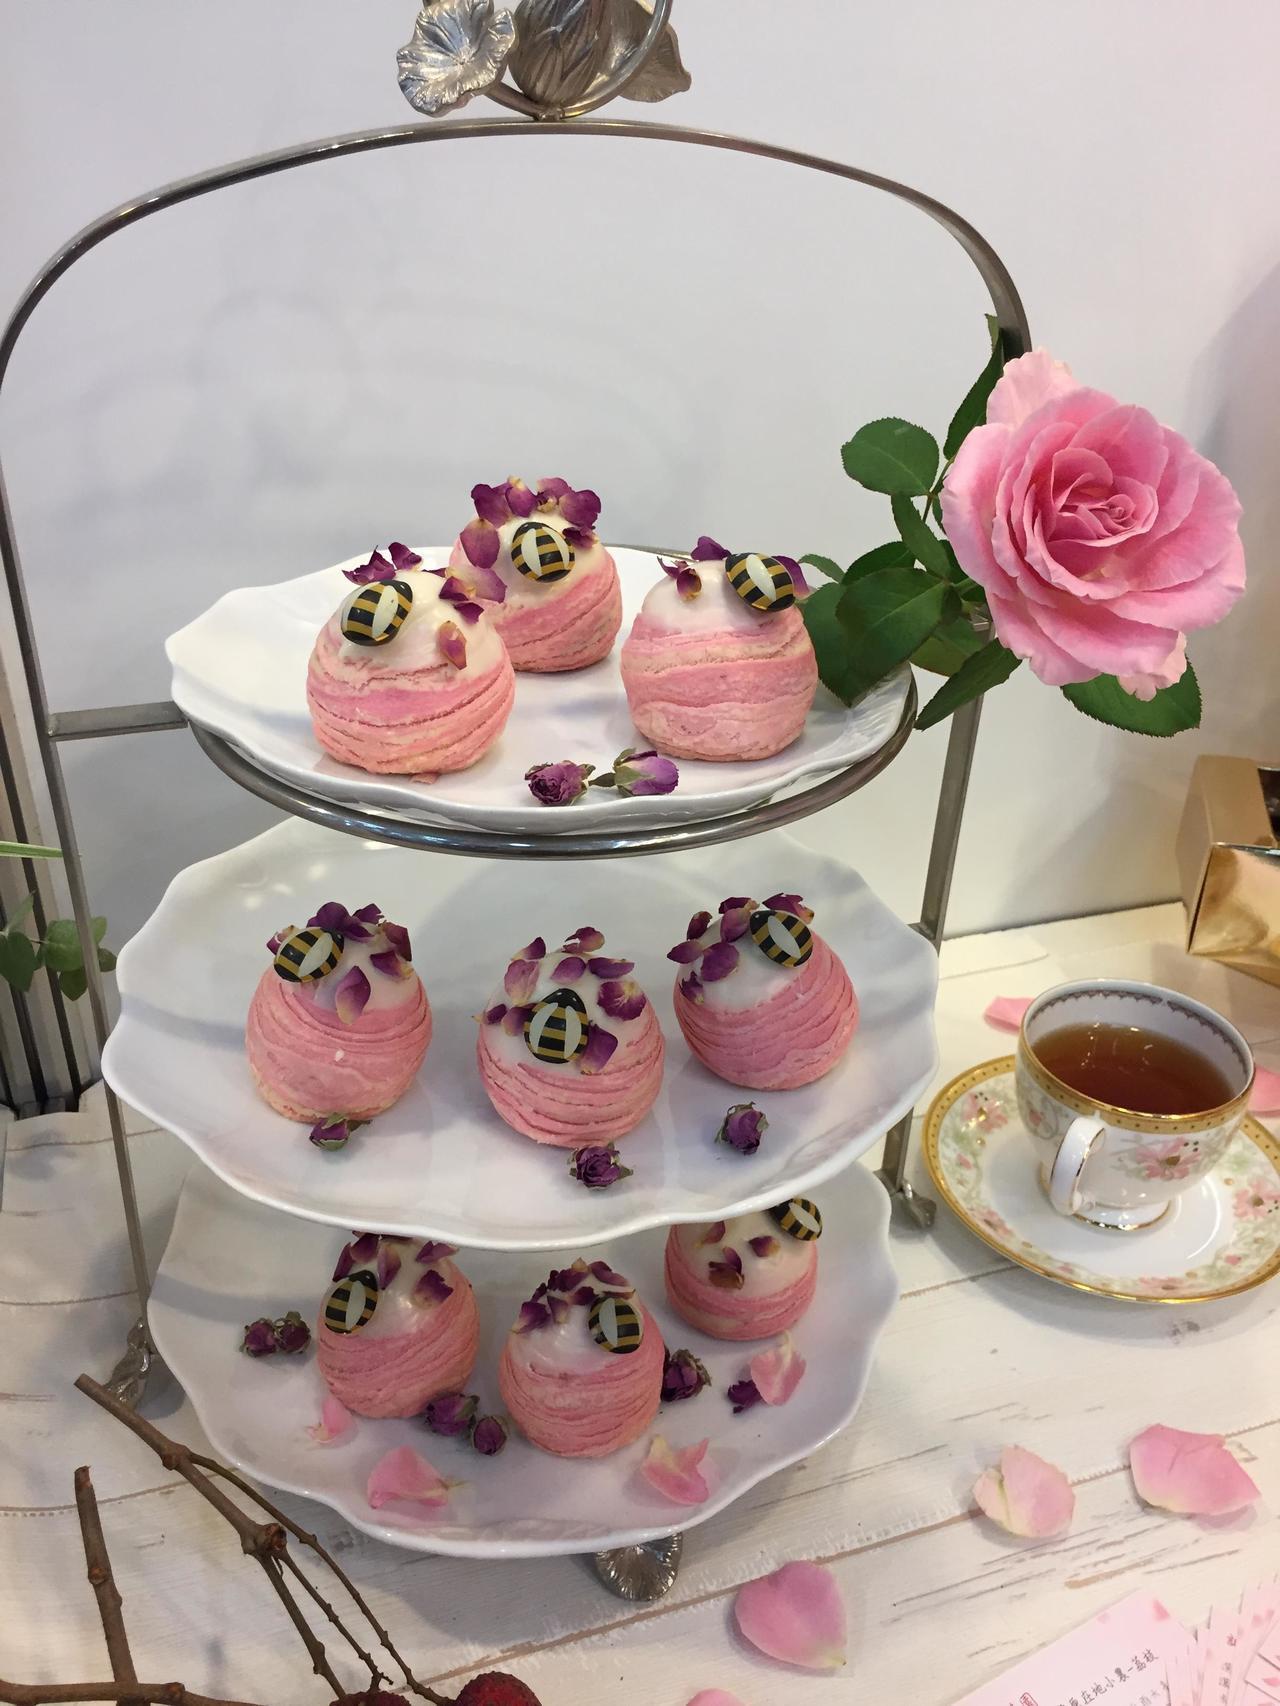 迎接台中花博,台中市政府與糕餅公會優良糕餅店家合作,持續開發具代表性及話題的特色...